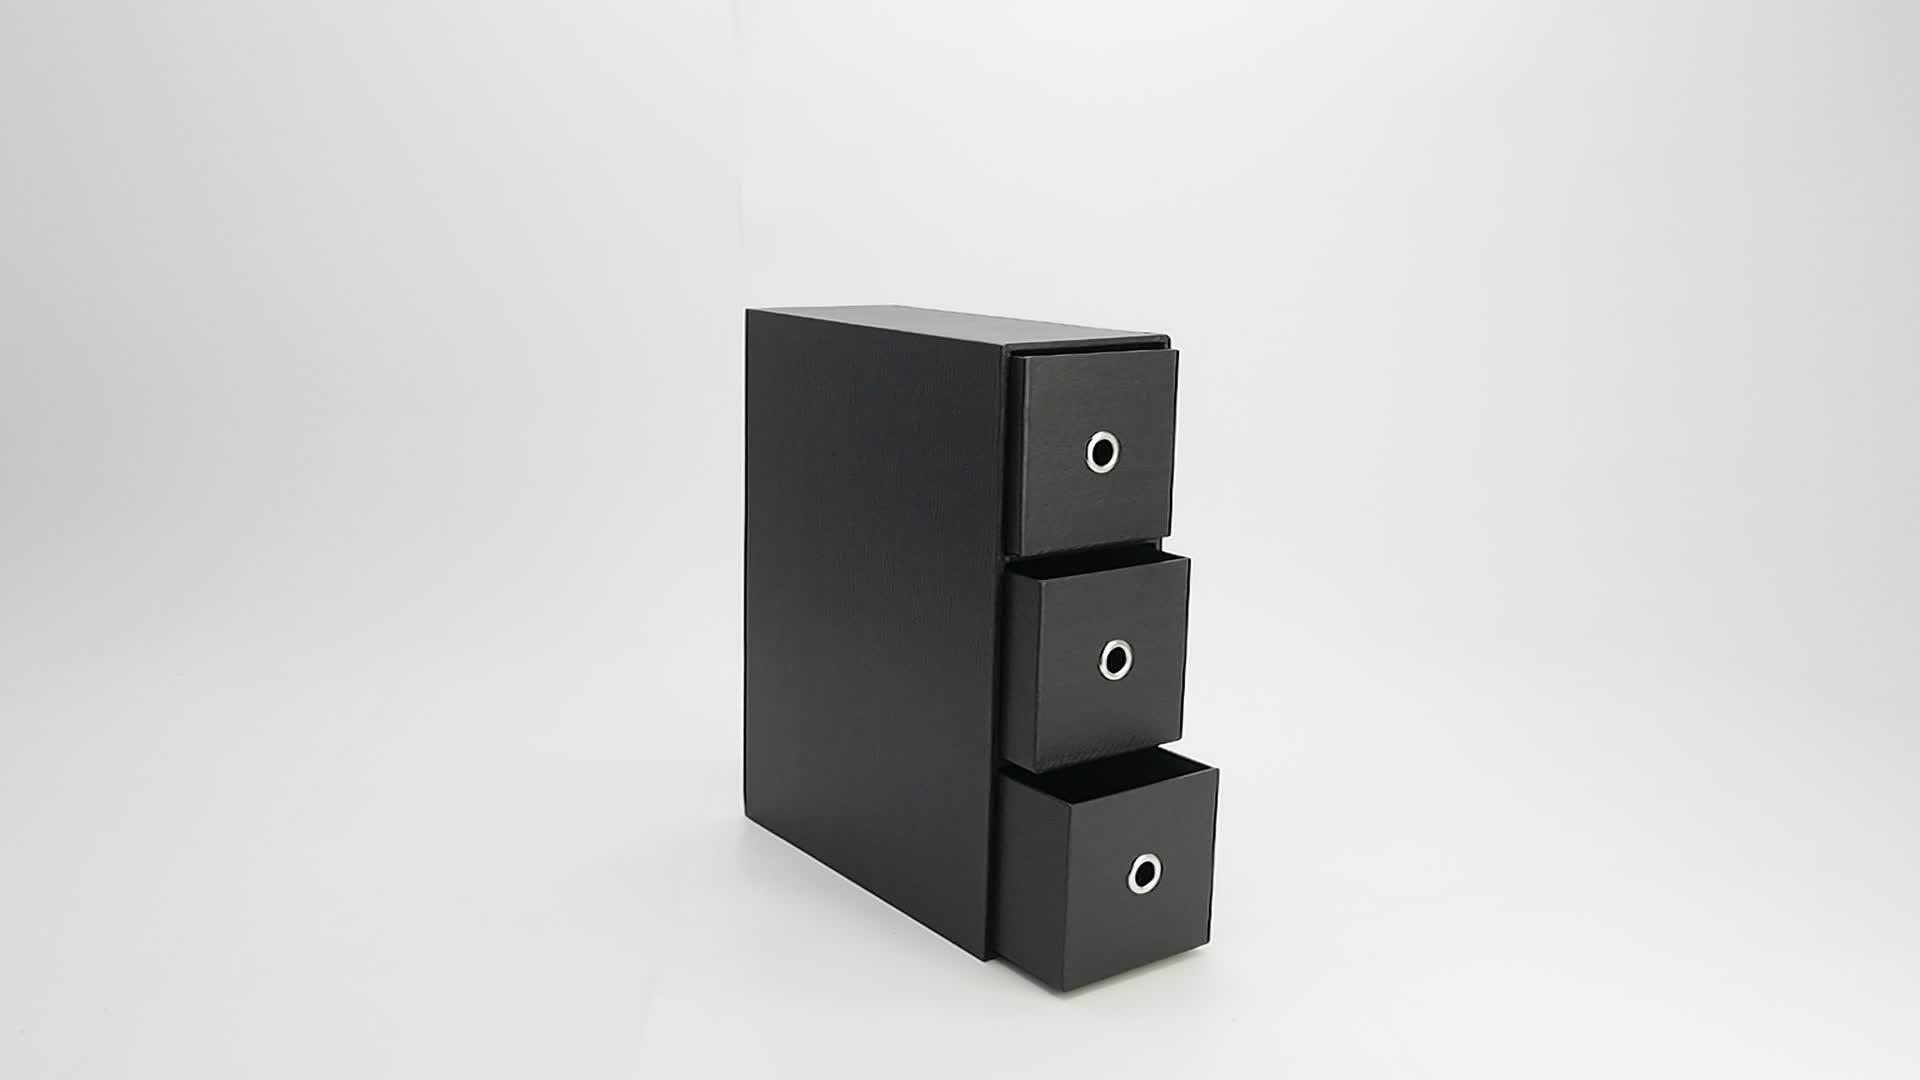 Büro organisieren Schreibtischset maßgeschneiderte Schmuck Kleinigkeiten Schublade Aufbewahrungsbox